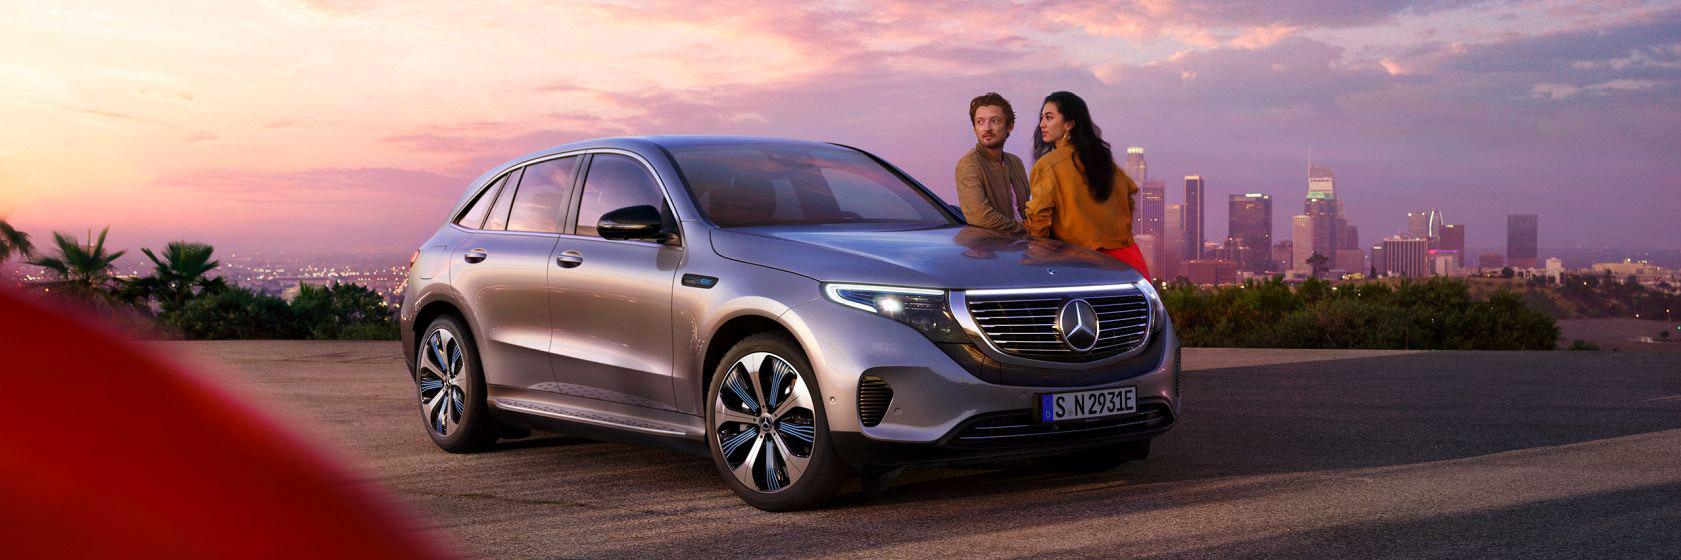 EQC - Le SUV électrique signé Mercedes-Benz